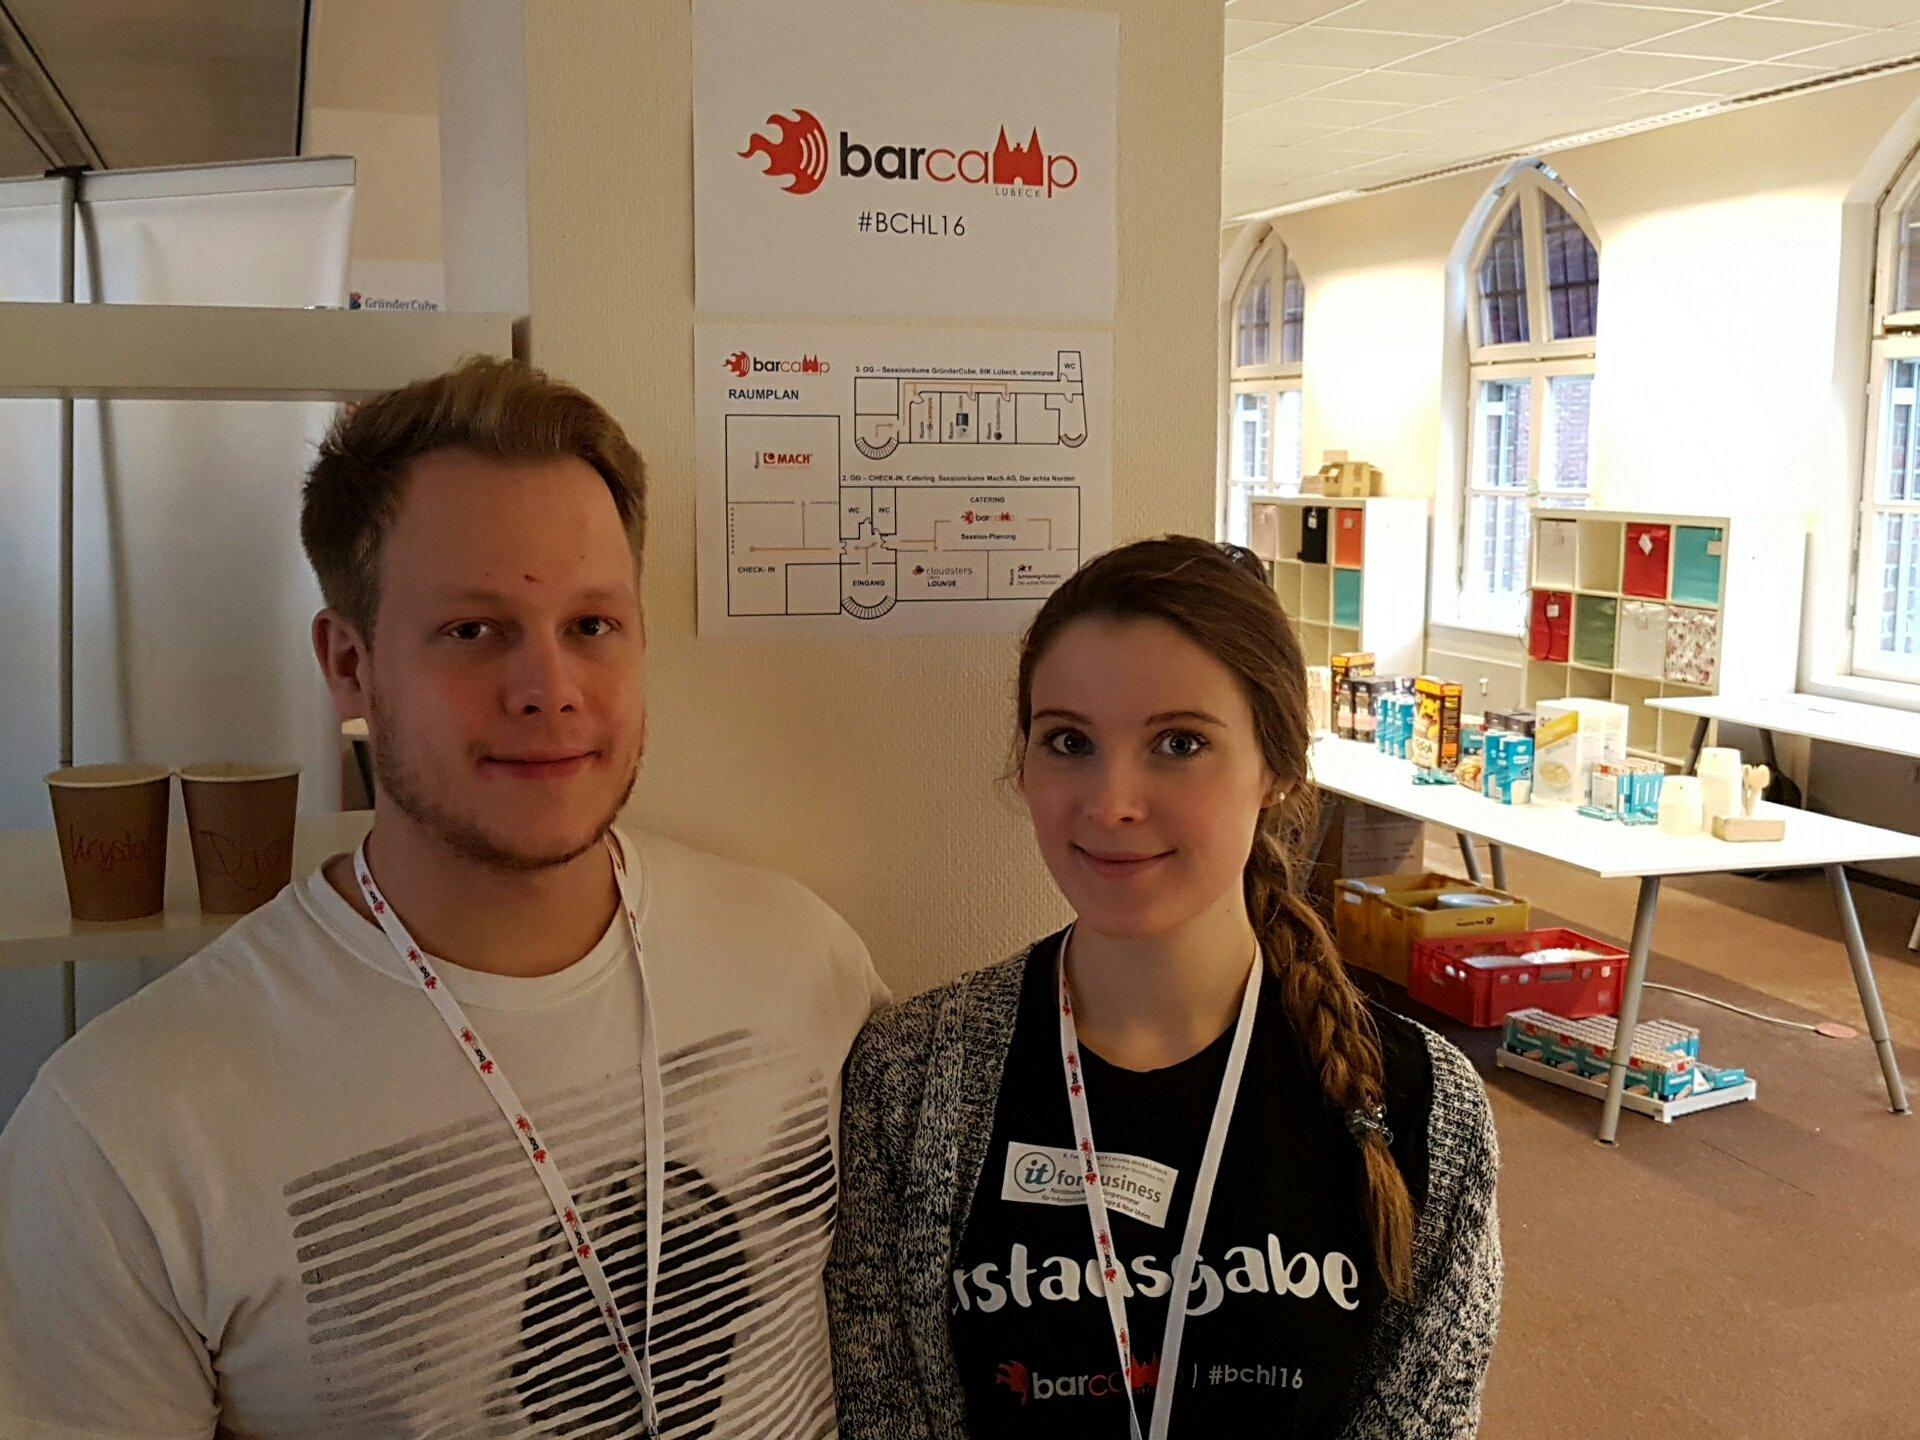 Moin auf dem Barcamp in #Lübeck #bchl16. Frühstück geht gleich los. Endlich... https://t.co/Sw8lzCMIPr